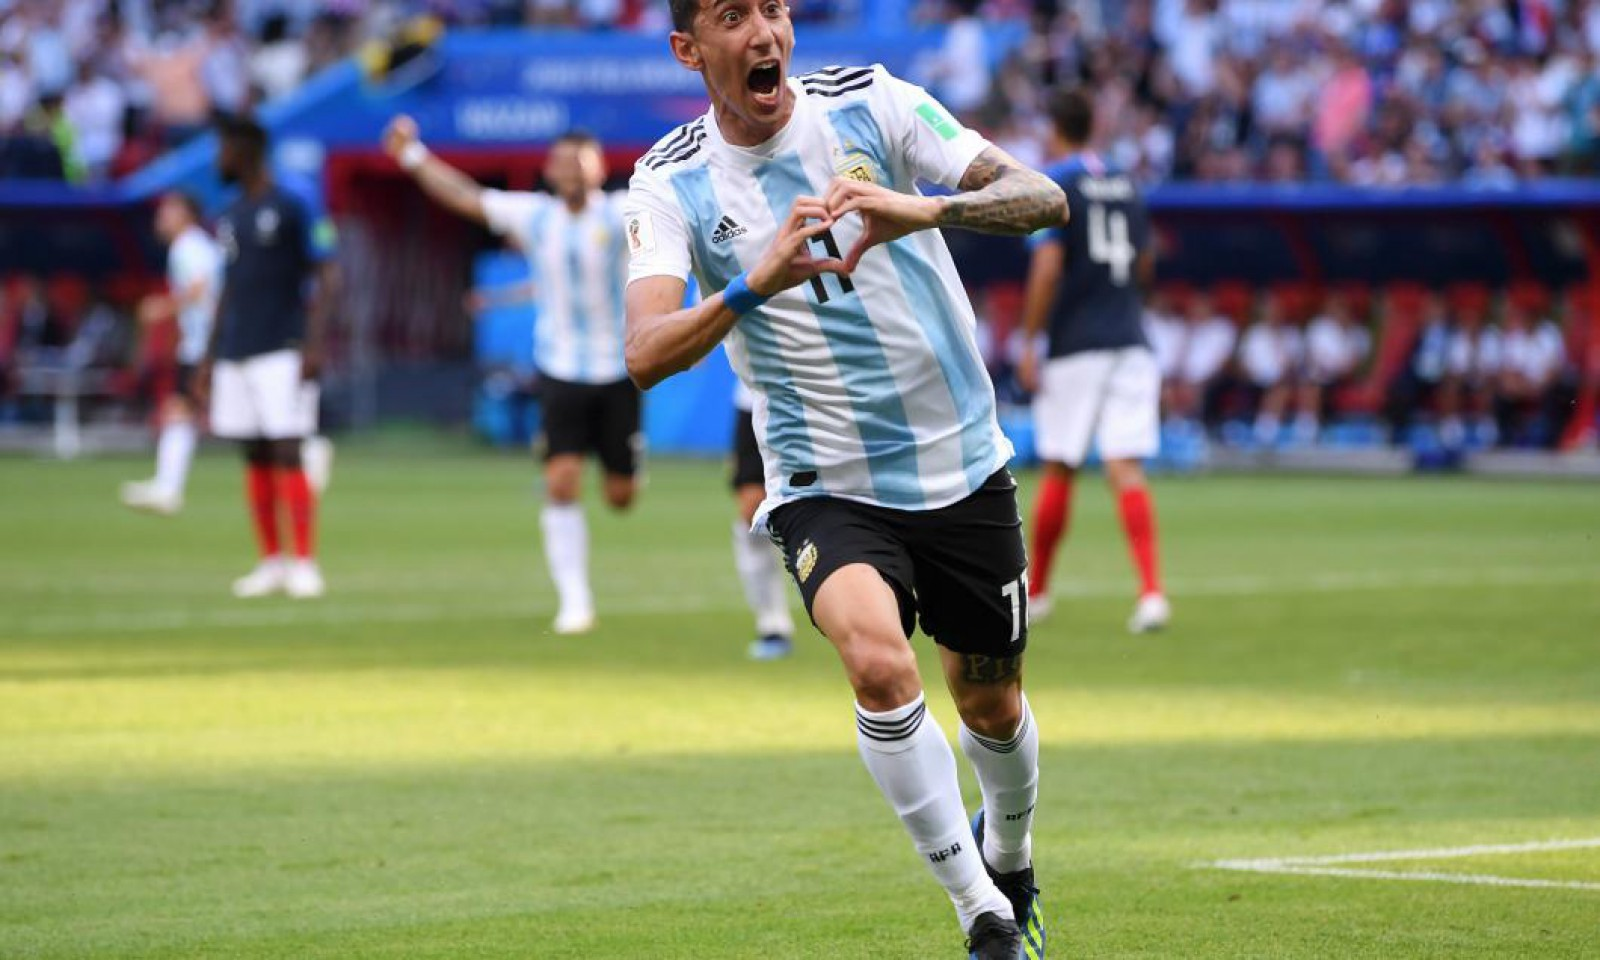 (update) Franța - Argentina 4-3. Francezii se califică în sferturi după un meci senzațional